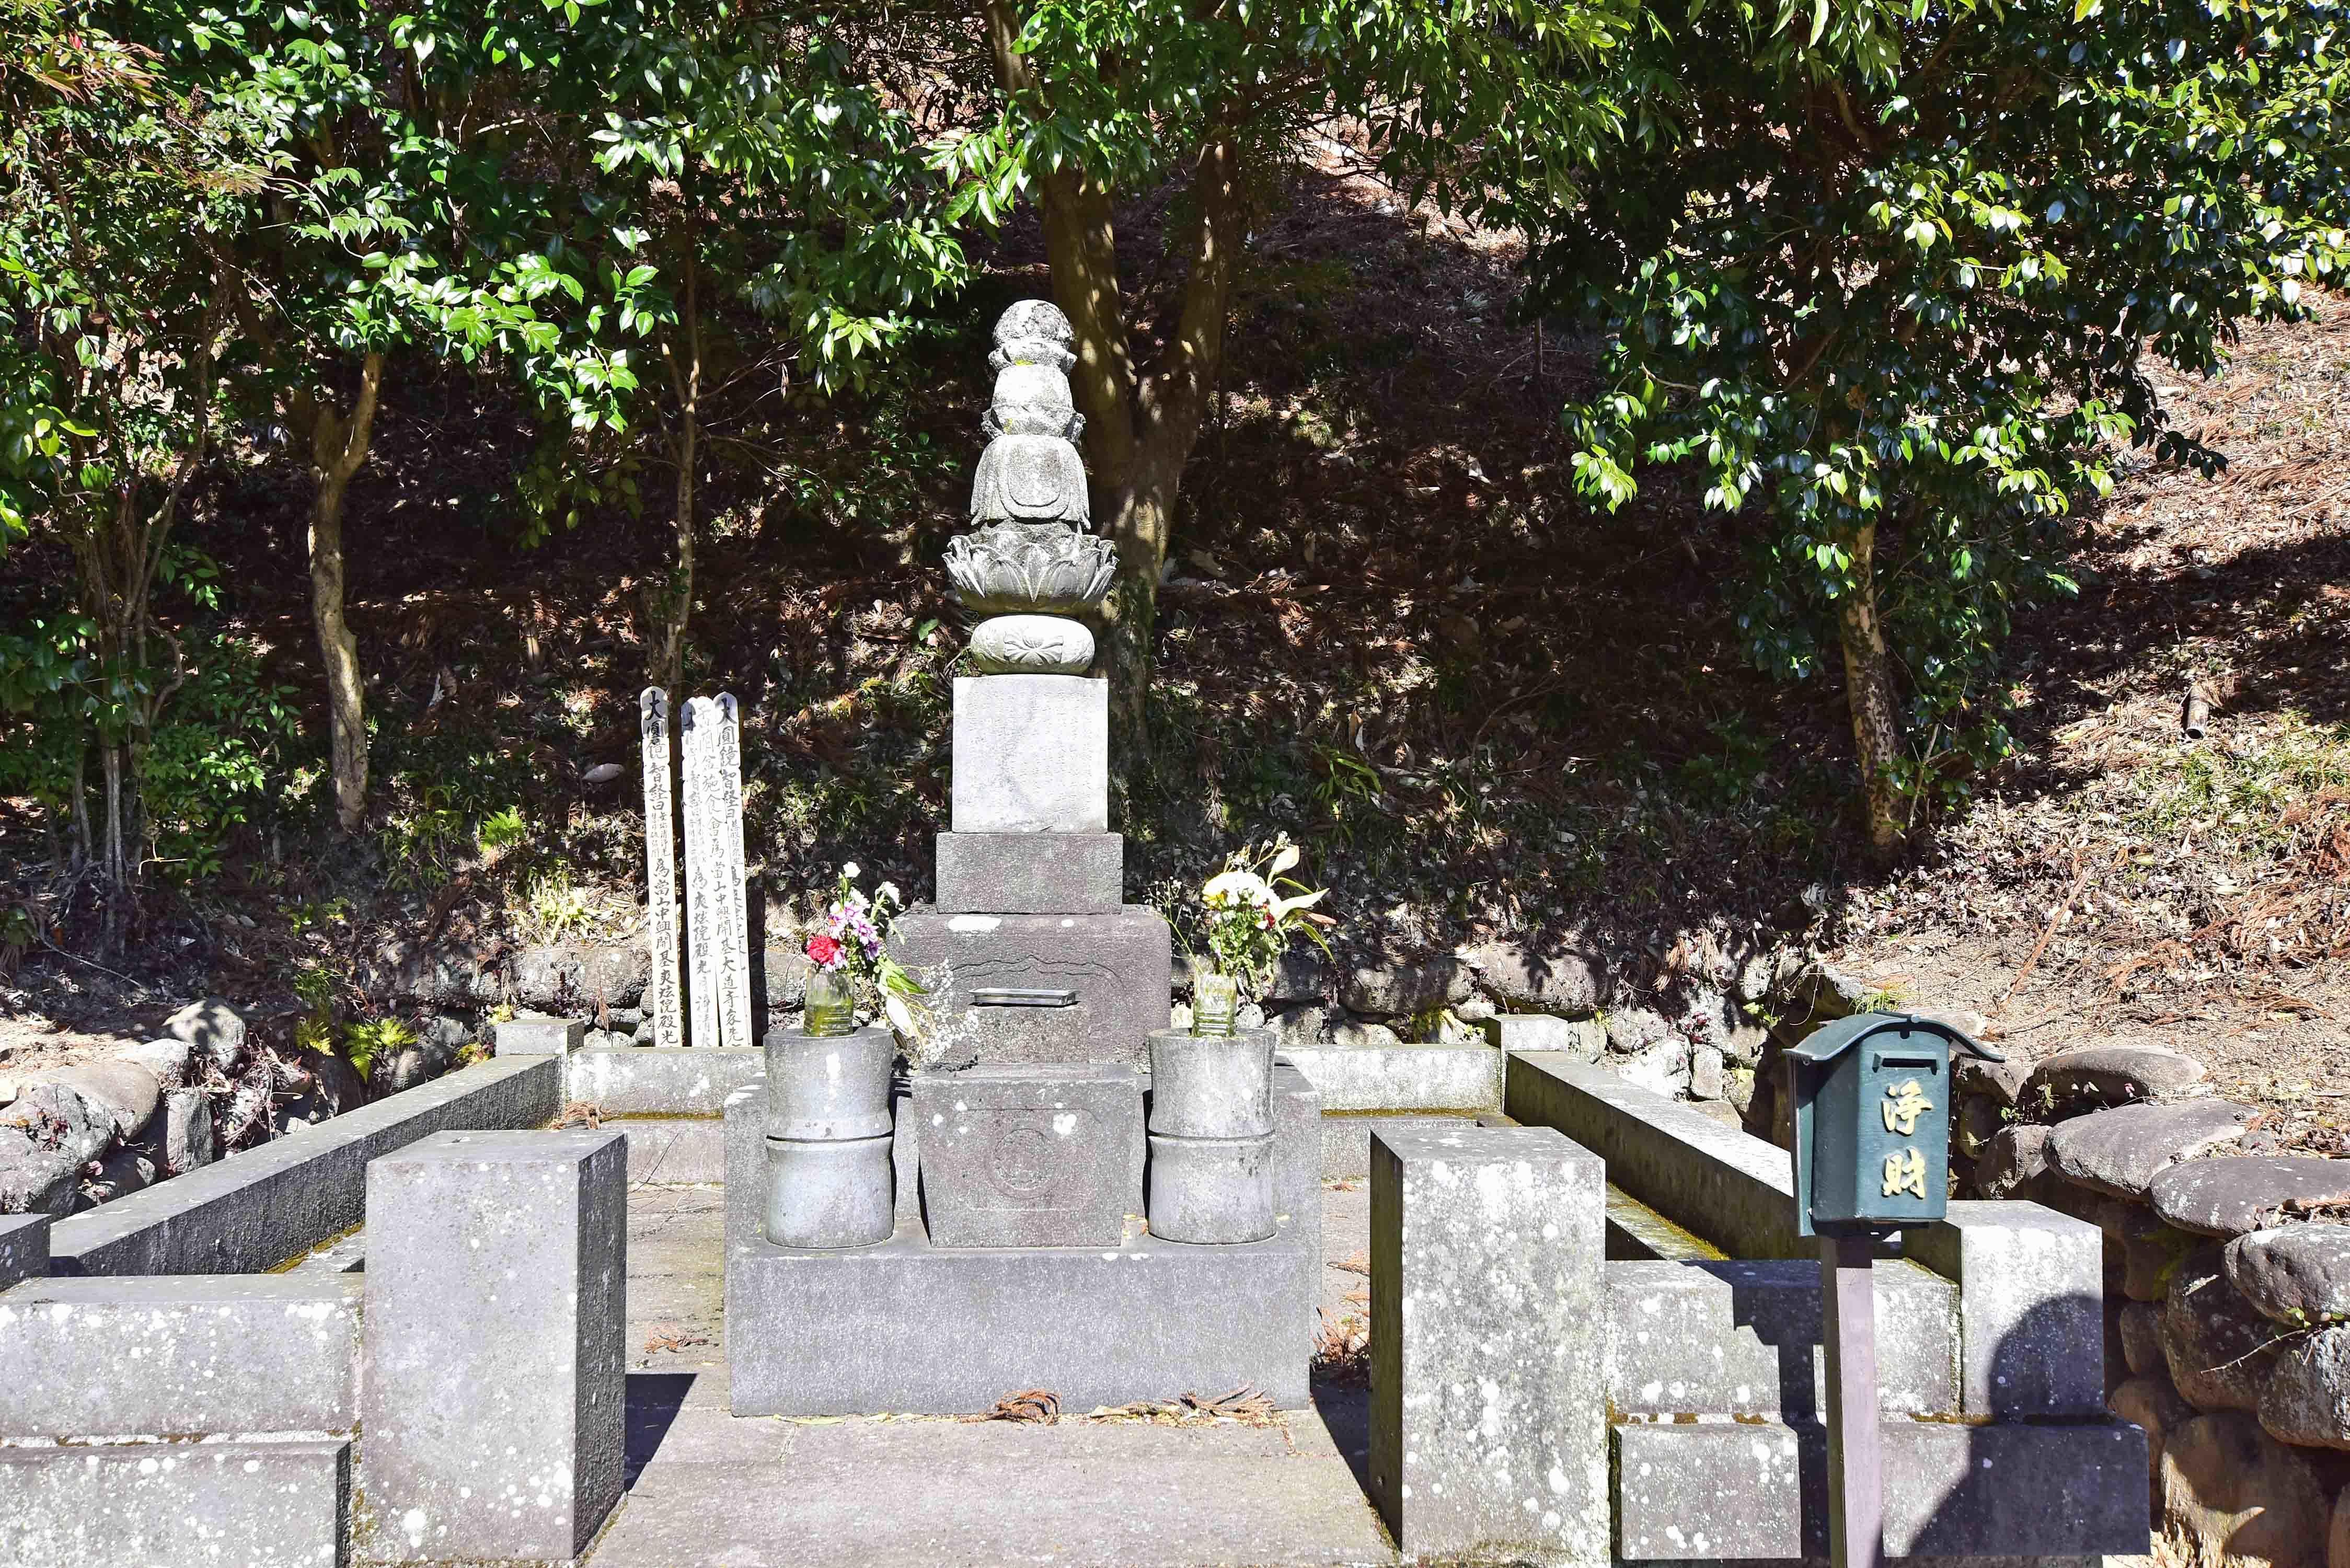 大道寺政繁墓所2